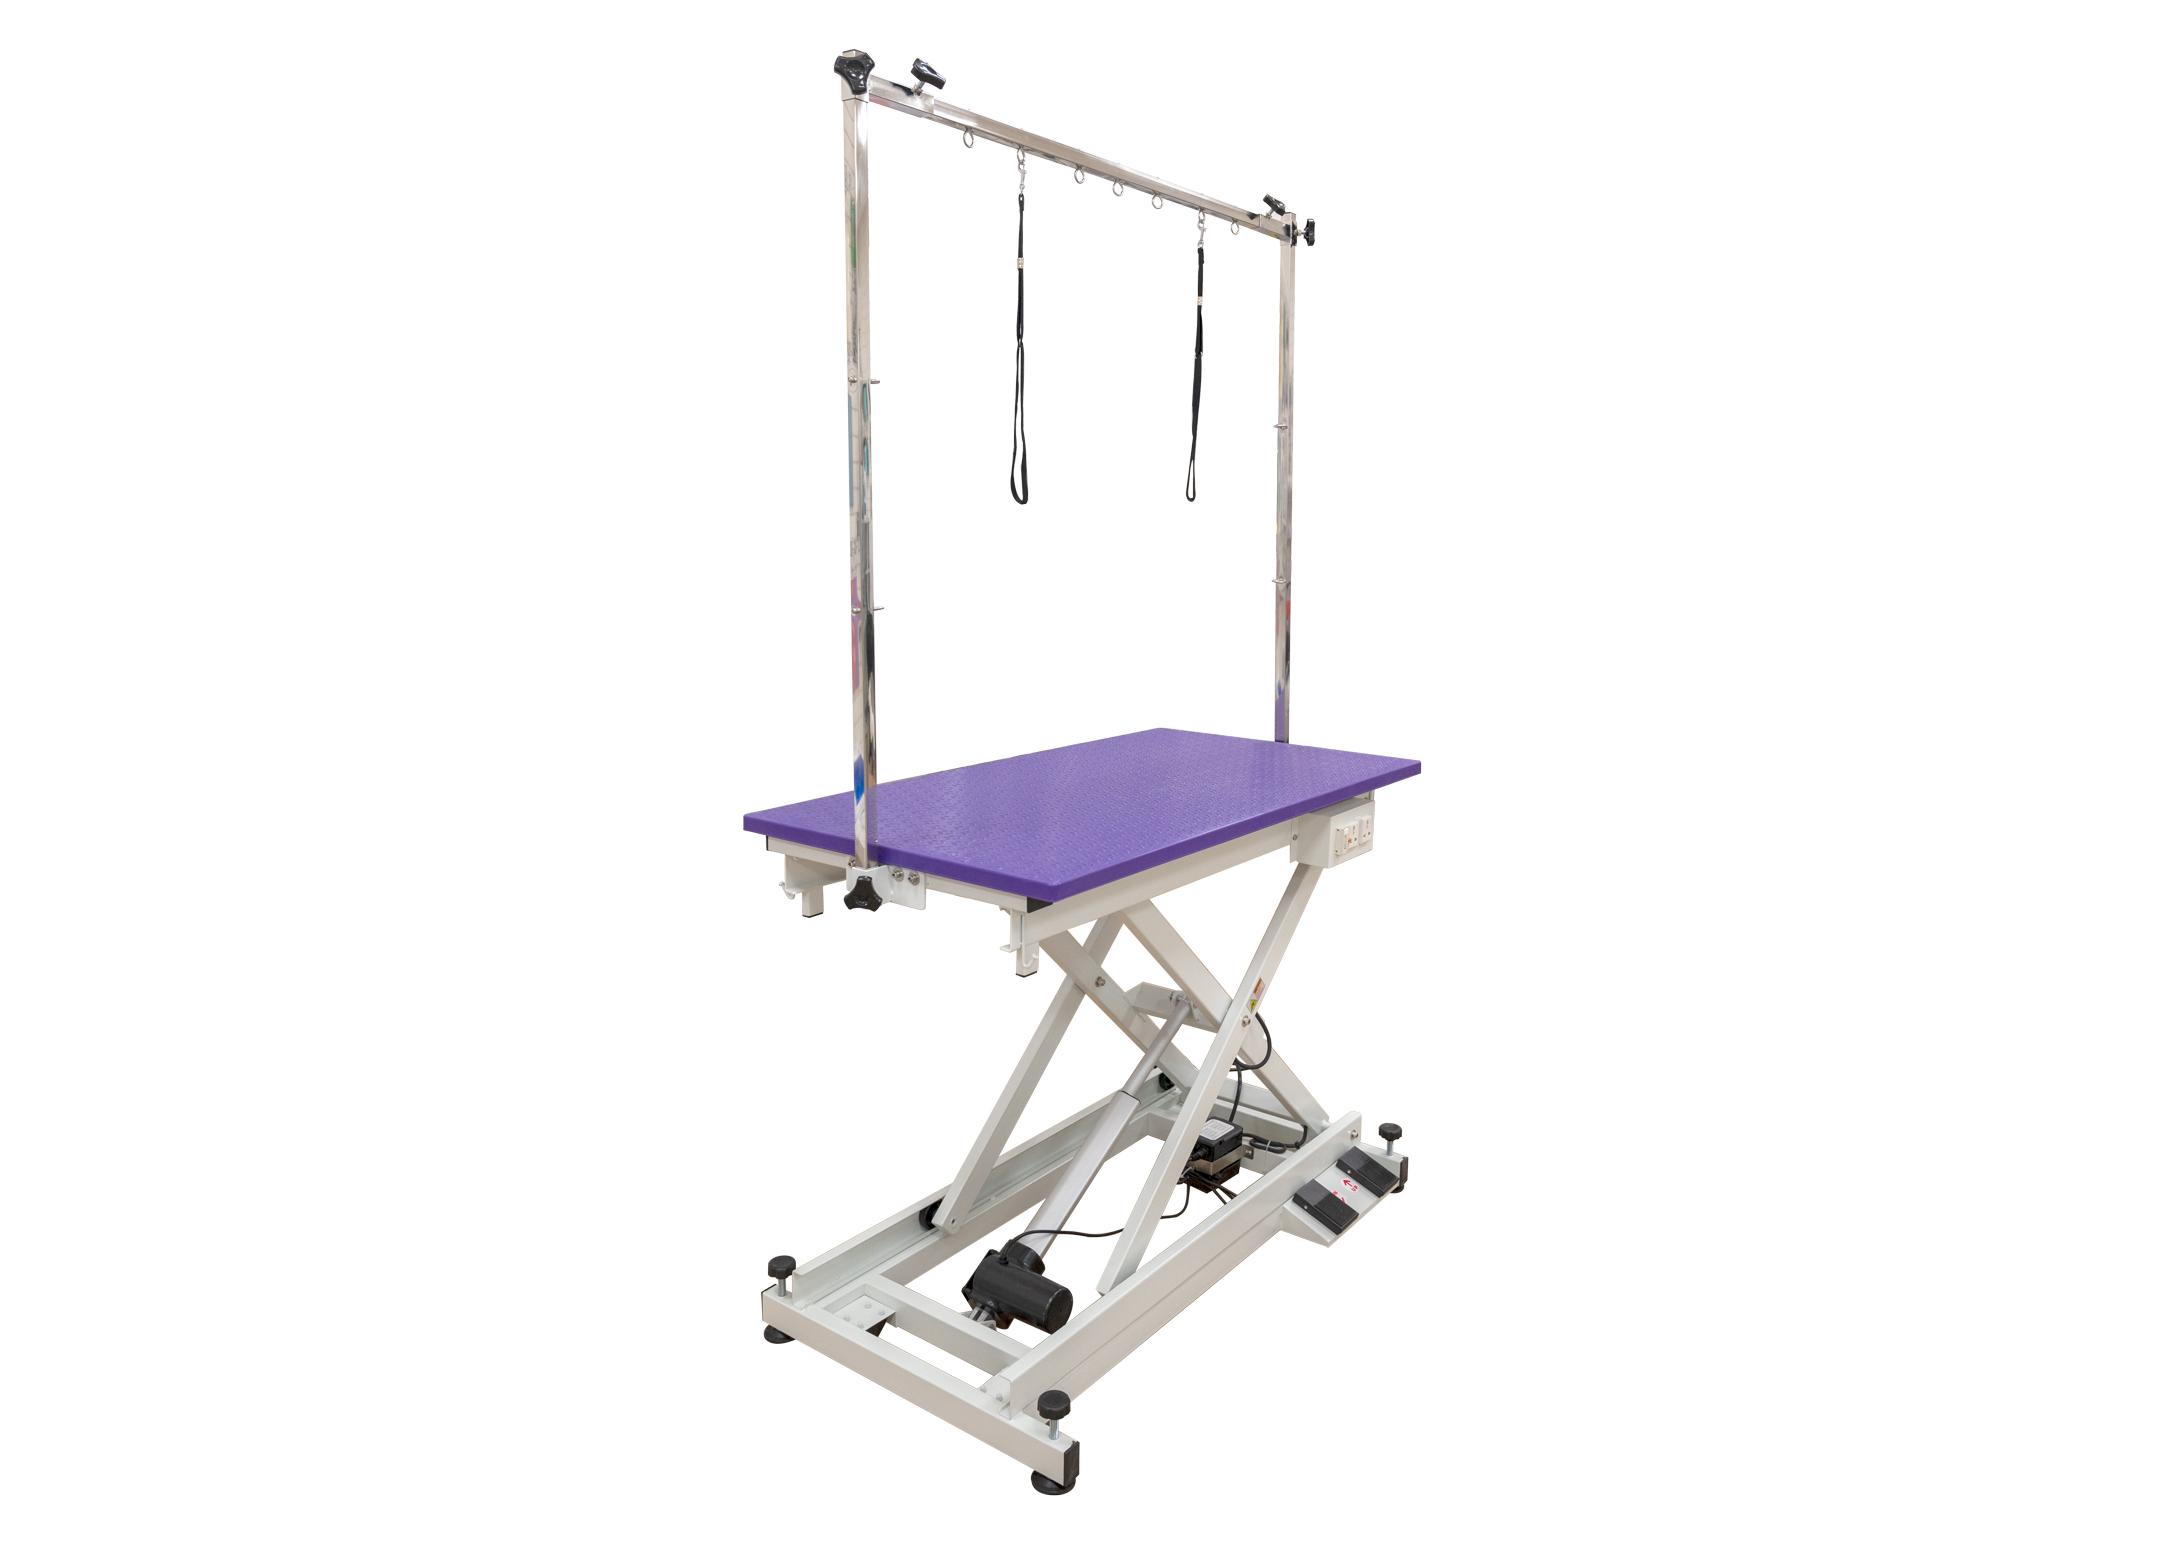 Groom-X LowLine Salon Table Mauve Surface 110x60x32-102cm avec Potence double - Table De Toilettage Professionnel